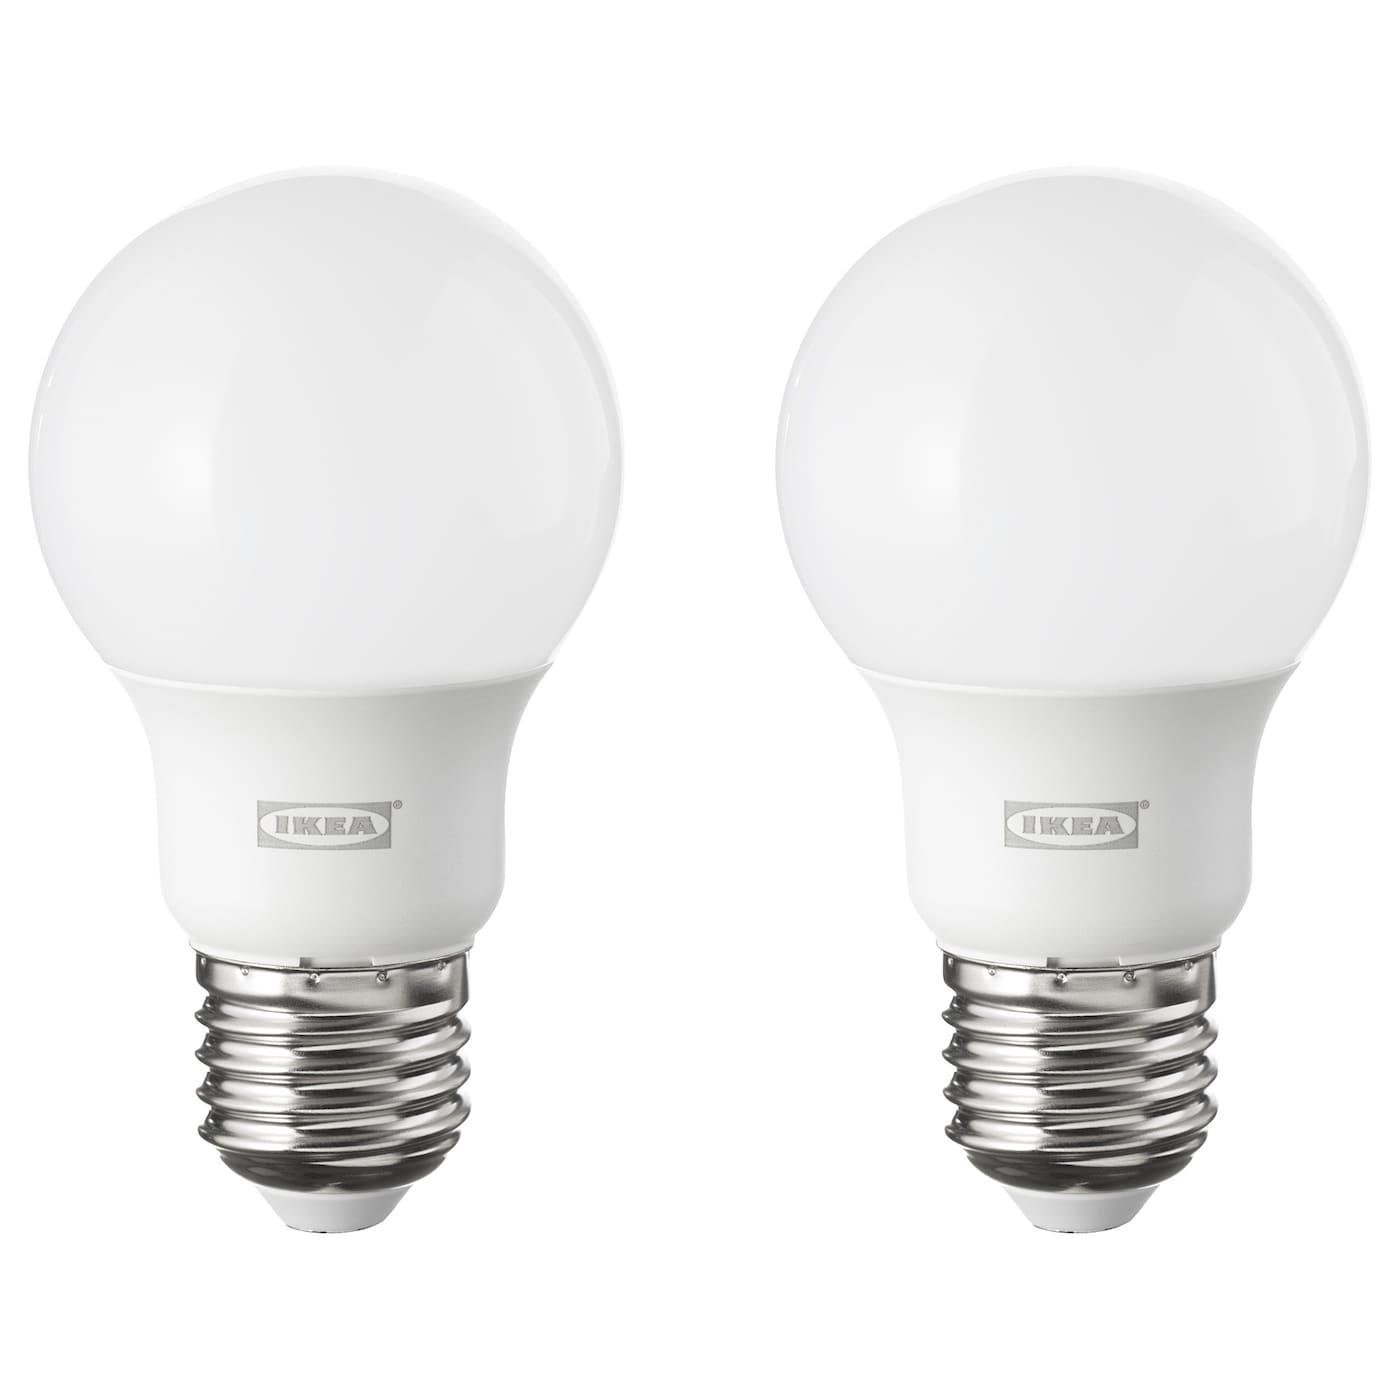 Luminaire Eclairage lampes & luminaires design IKEA